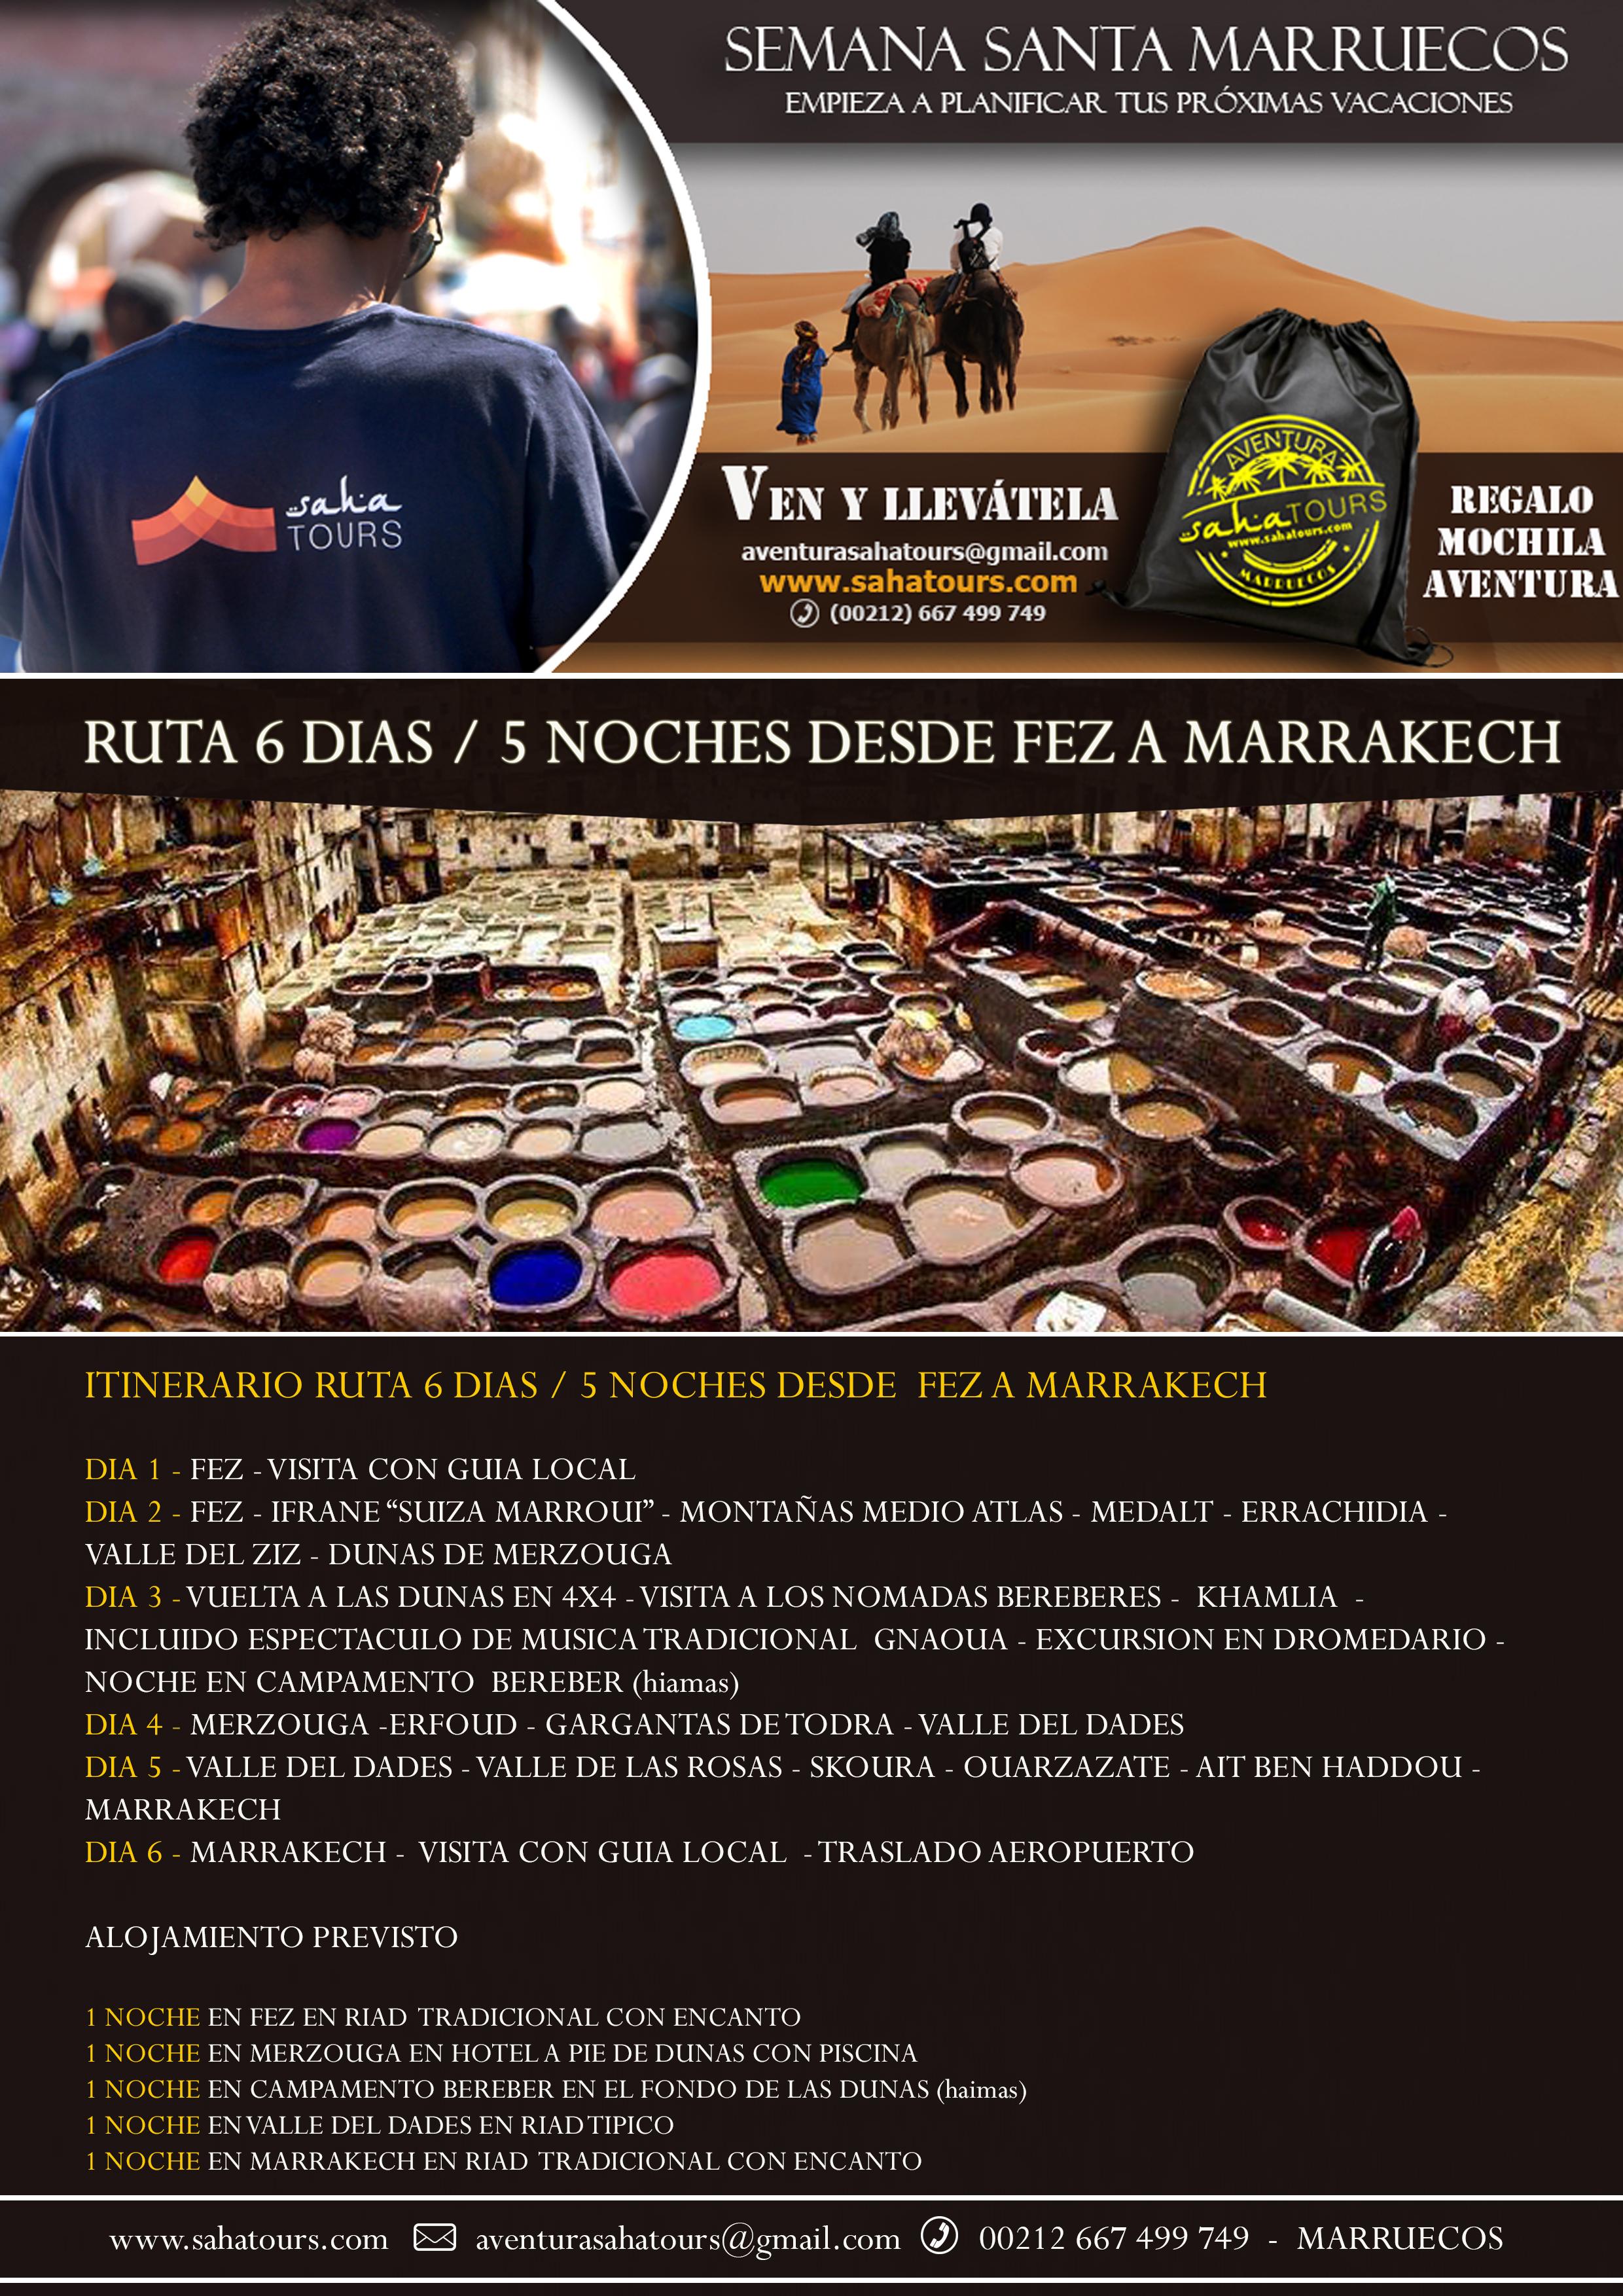 SEMANA SANTA MARRUECOS - RUTA 6 DIAS / 5 NOCHES DESDE FEZ A MARRAKECH 1